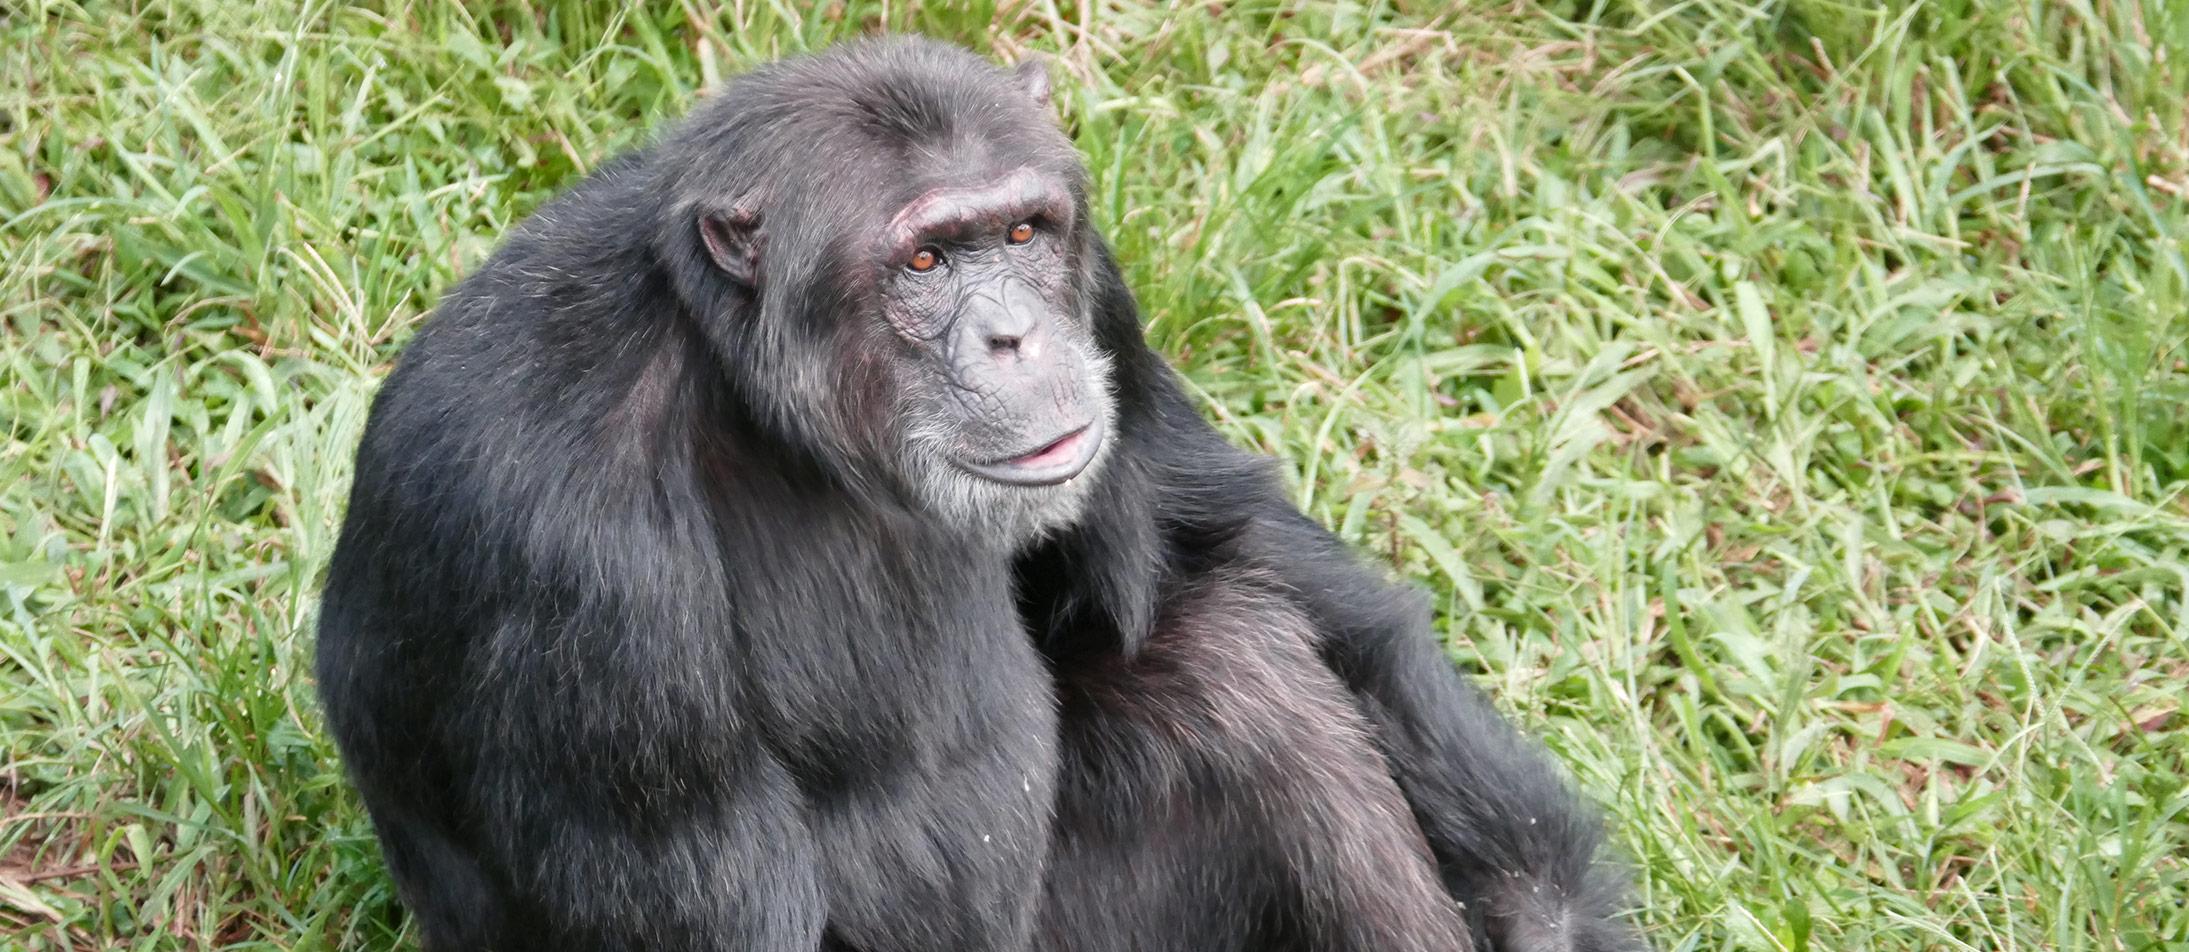 Friends of Chimps